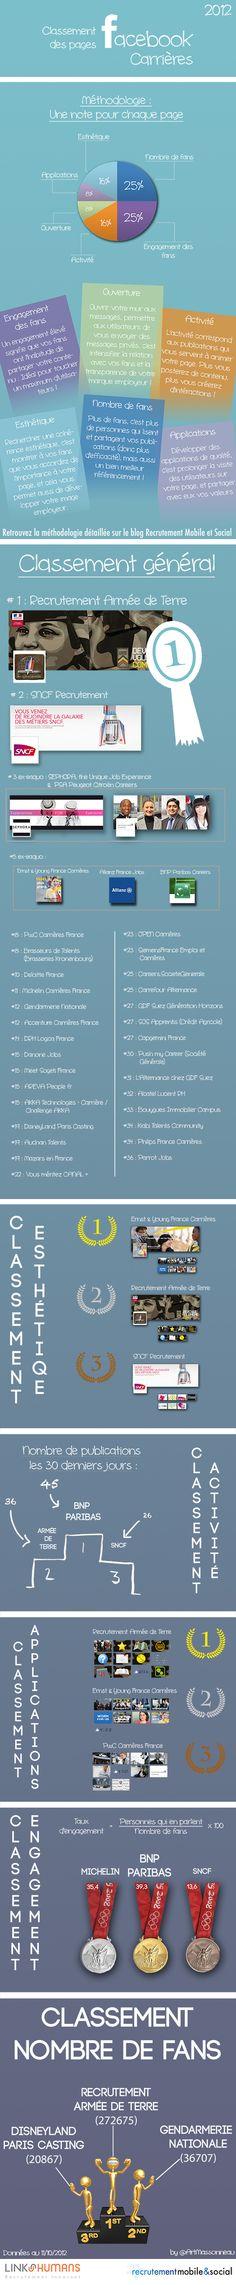 2012-10 [Infographie] Classement des pages Facebook Carrières, by @ArtMassonneau